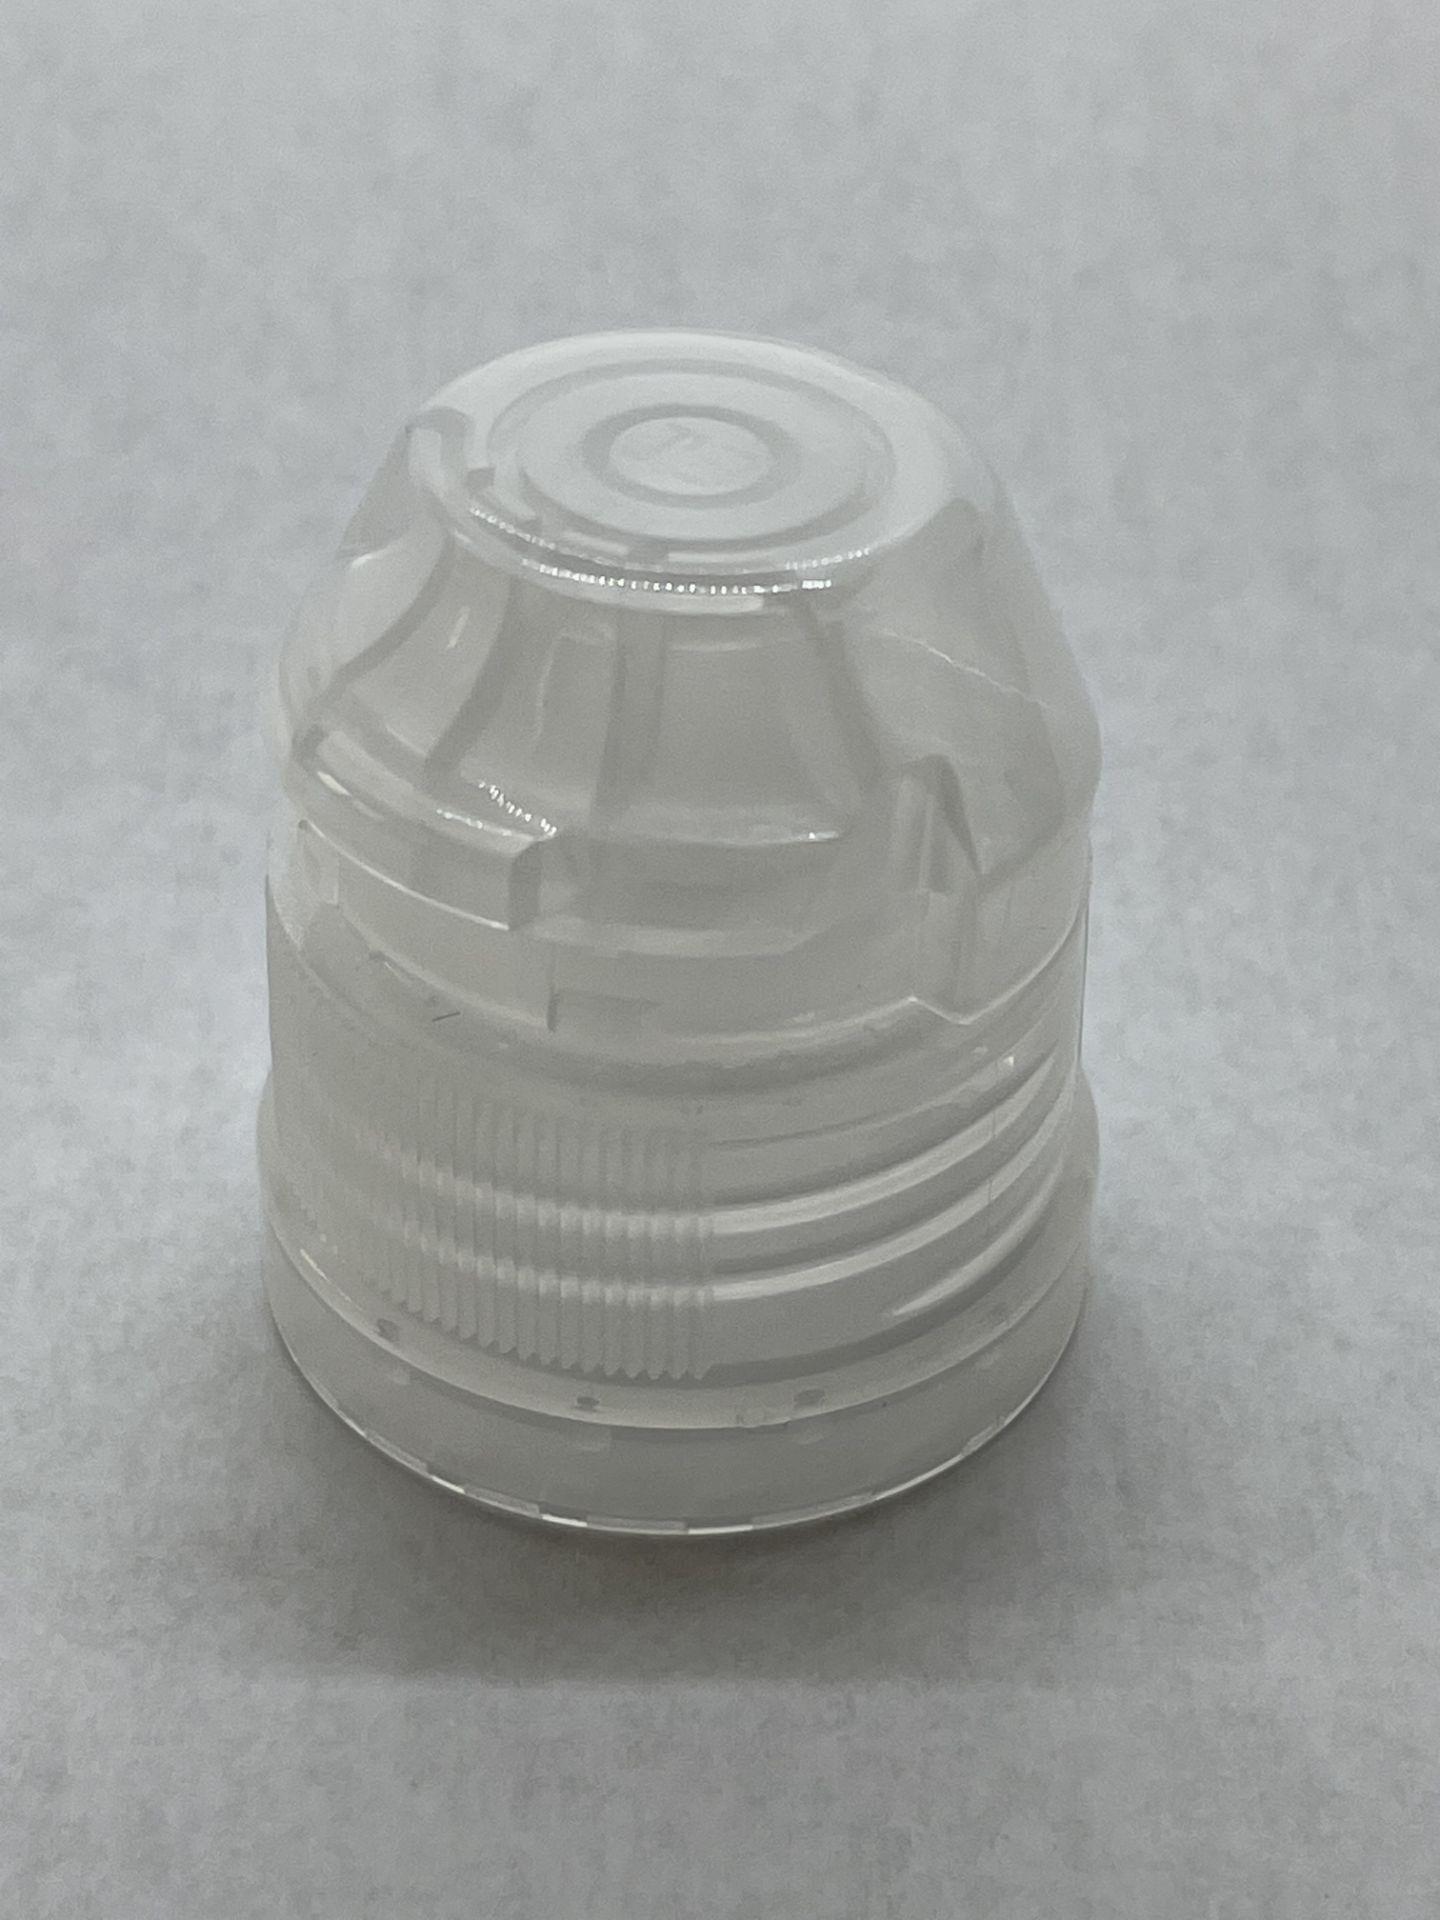 170,000 - Popular Aptar Water bottle sport cap for 16 oz bottle, 28-410 Threading - Image 2 of 3